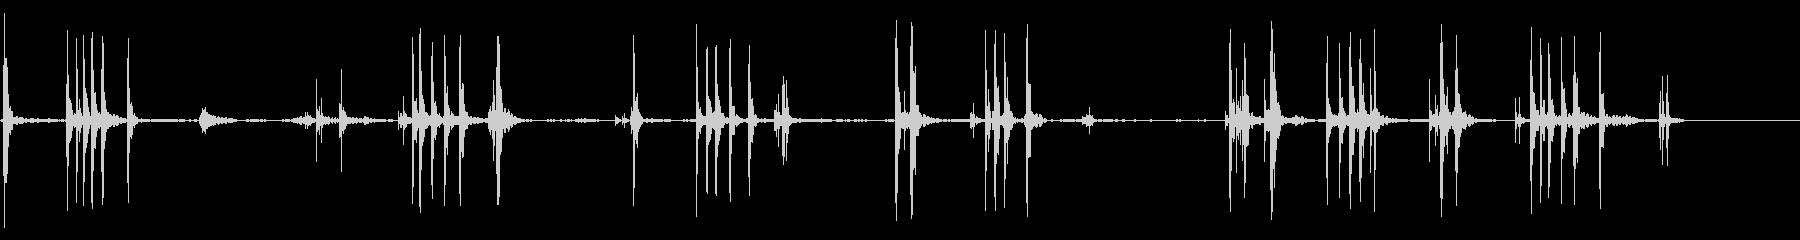 ラチェット:ターニングナットインパ...の未再生の波形